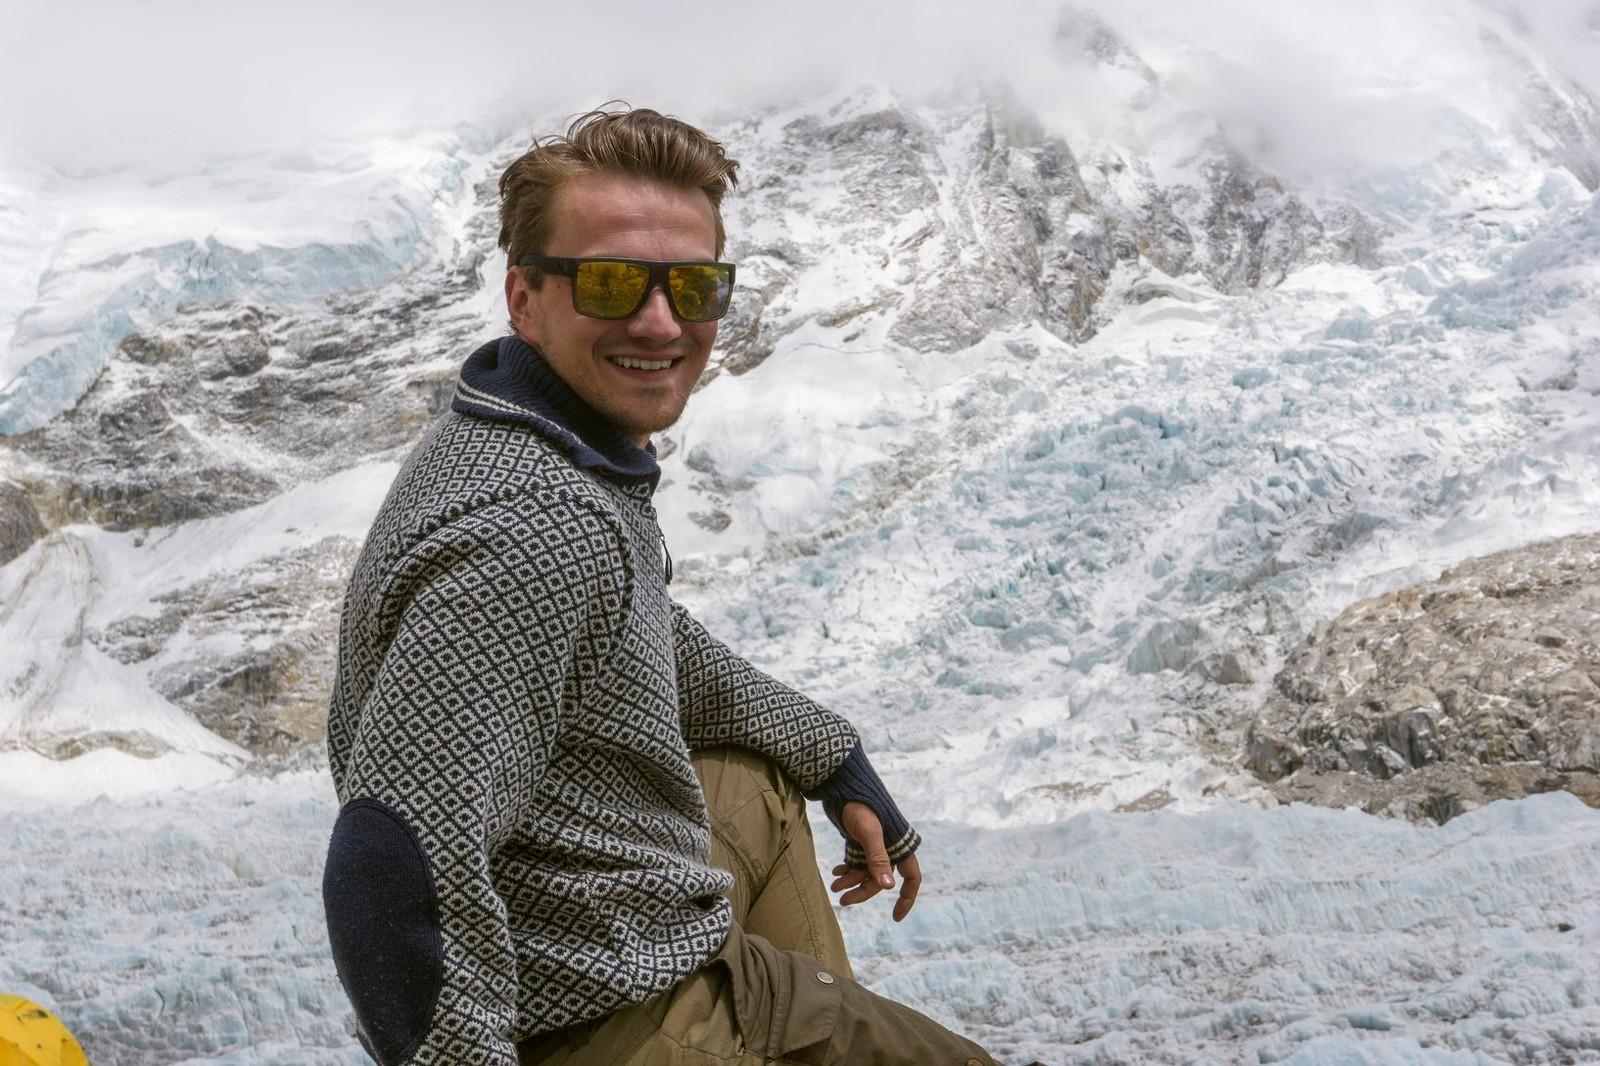 Torkjel i Base Camp. Klatrekameraten Andreas Ebbesen sier at Torkjel har en veldig eventyrlyst og at han er sterk både fysisk og mentalt.